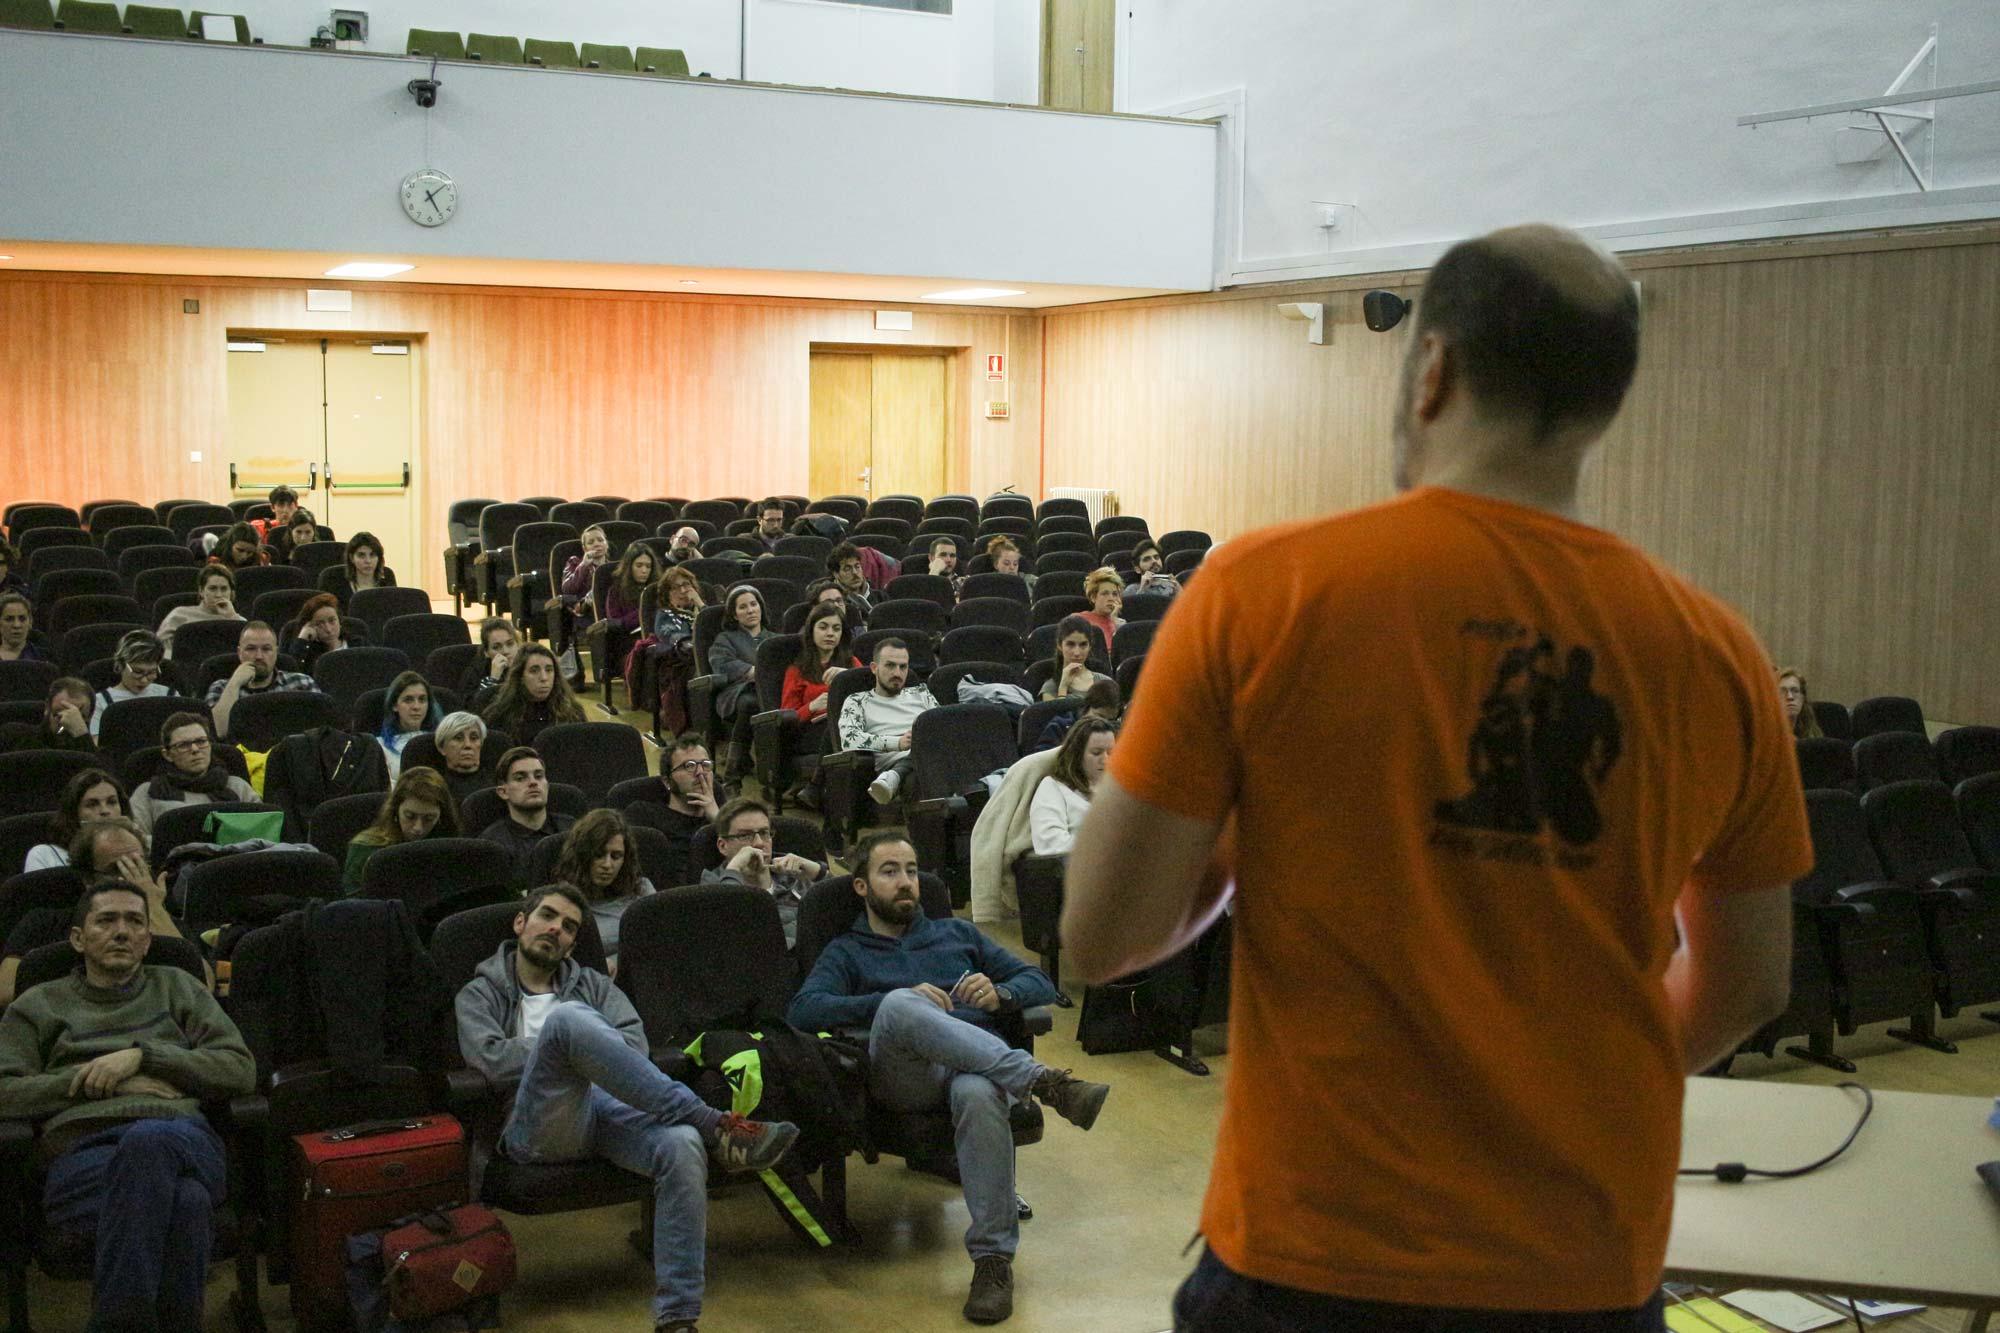 Escuela Urbanario Javier Abarca teaching